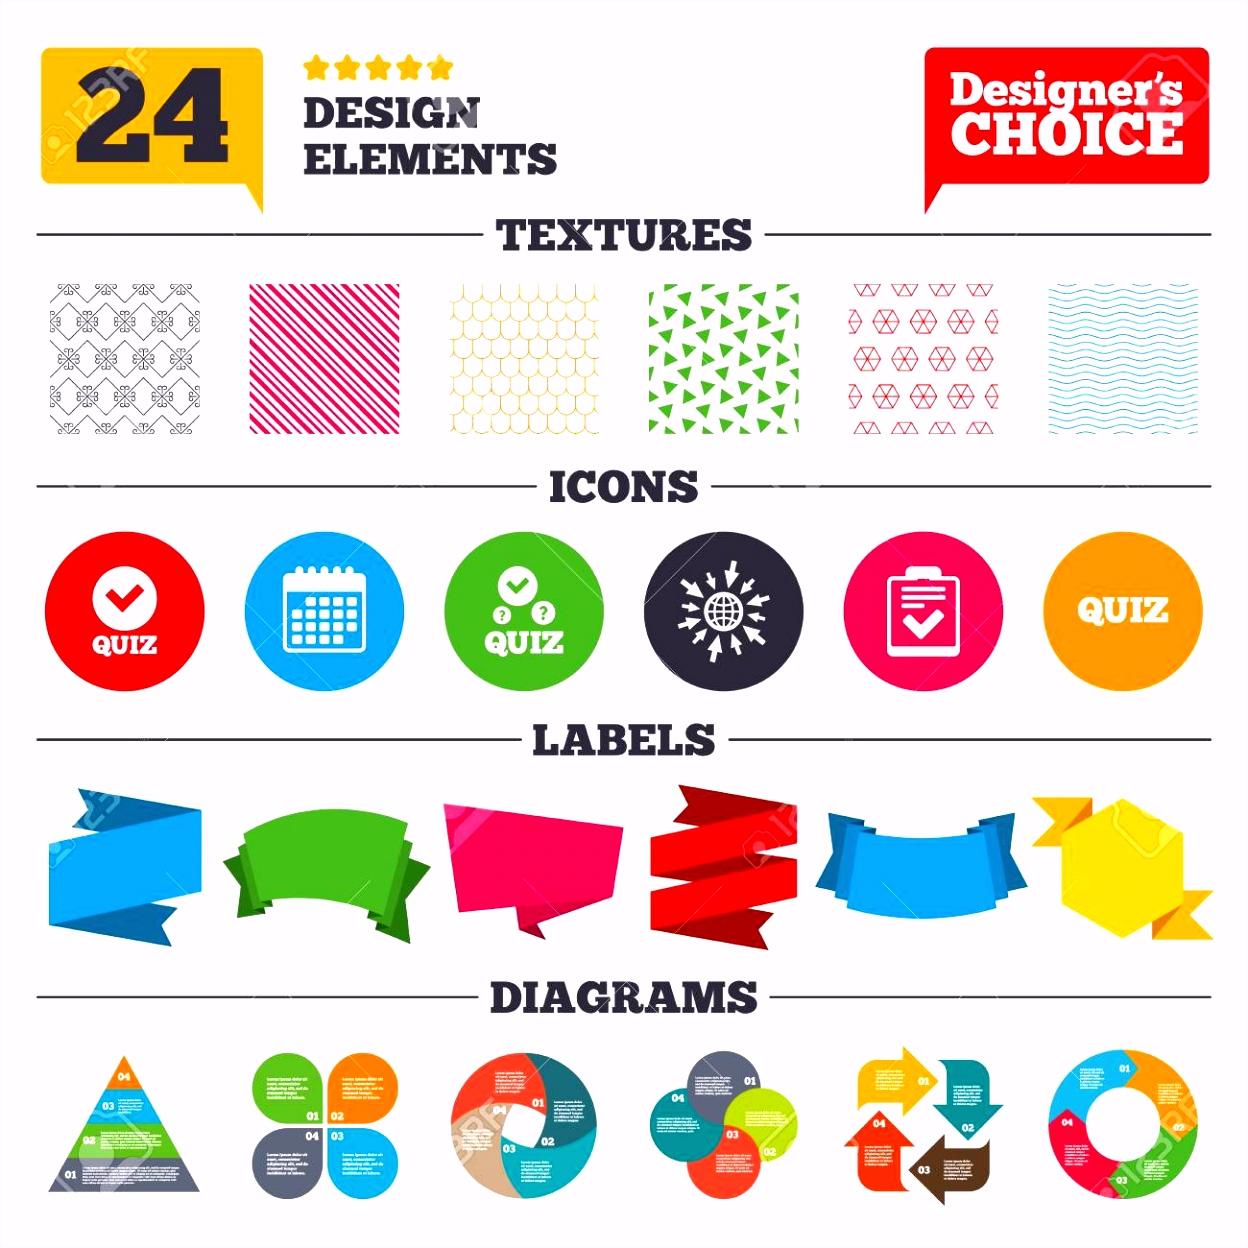 Kundenumfrage Vorlage Banner Tags Aufkleber Und Diagrammdiagramm Quiz Icons Checkliste D1is27uob1 F5wds5igh6